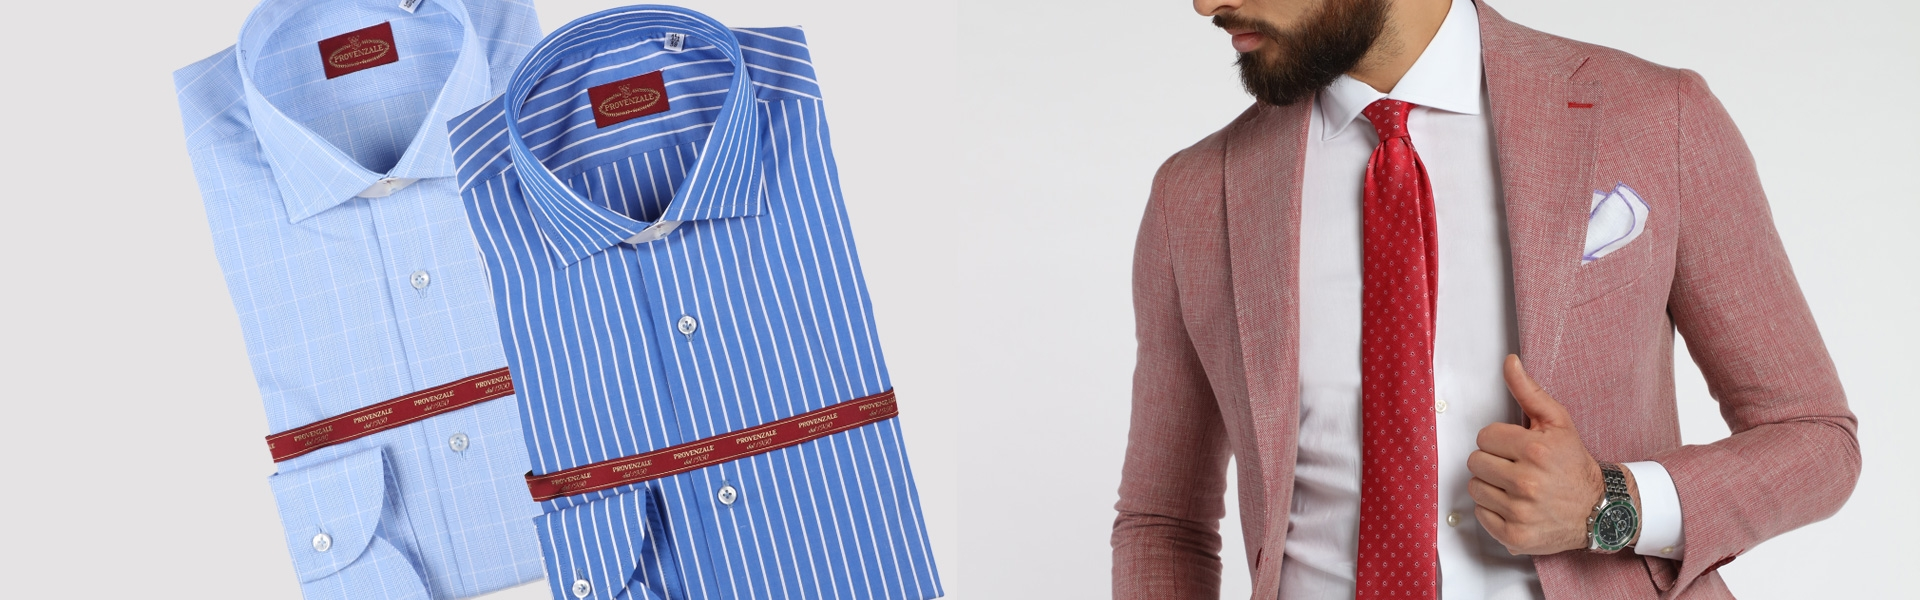 on sale 6cca0 f14ea Camicie - Abbigliamento